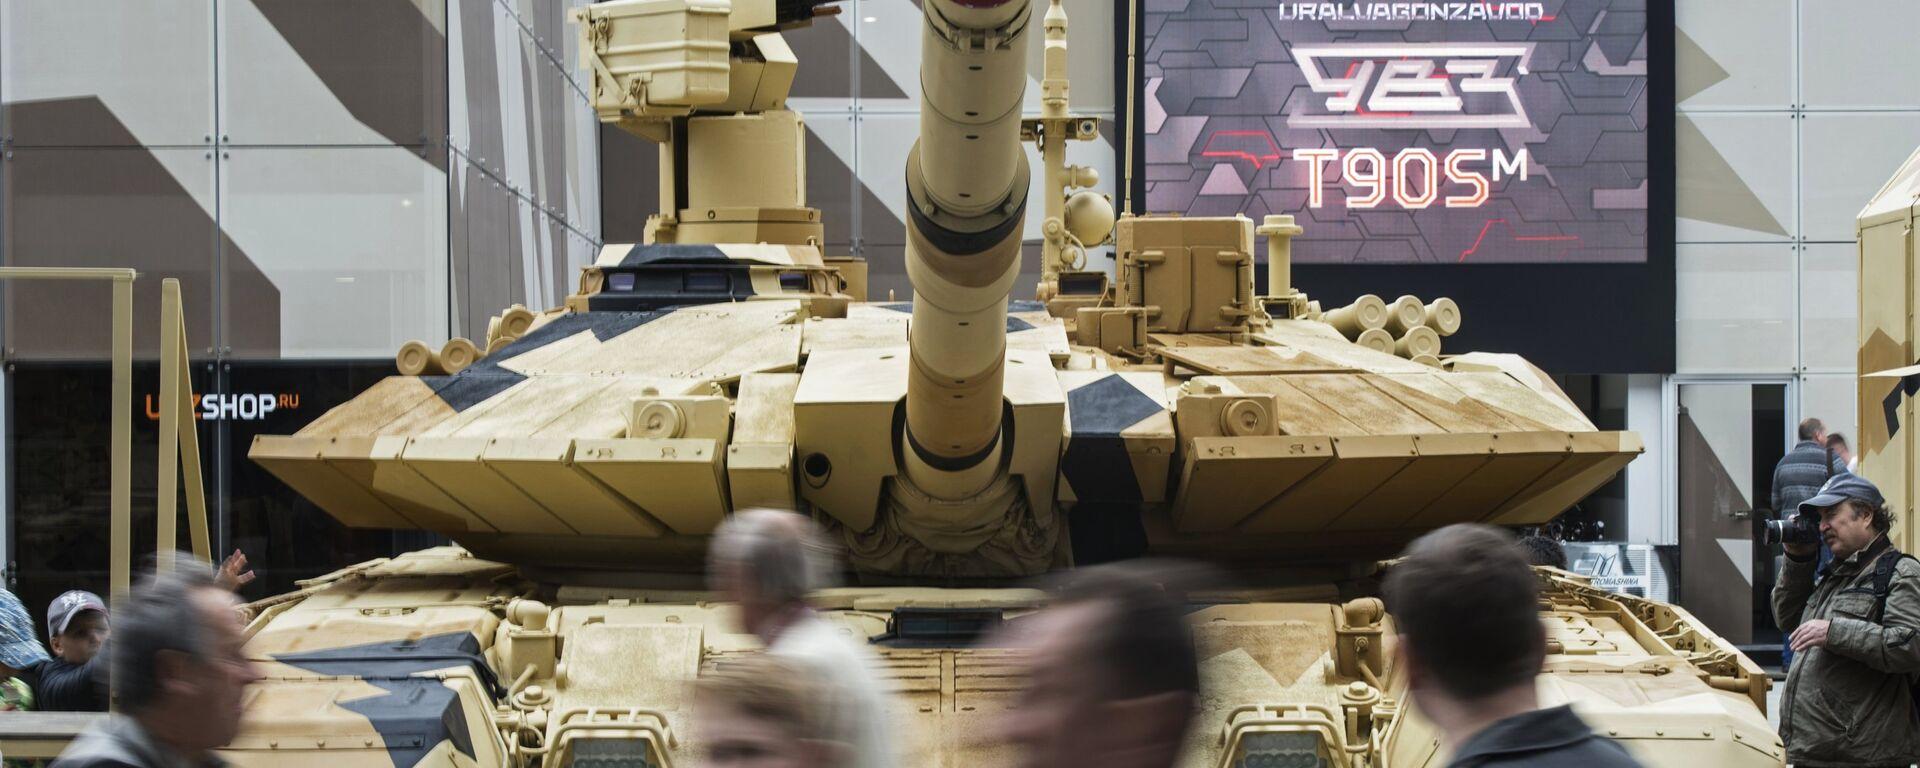 Танк Т-90МС на международном военно-техническом форуме - Sputnik Латвия, 1920, 01.07.2020